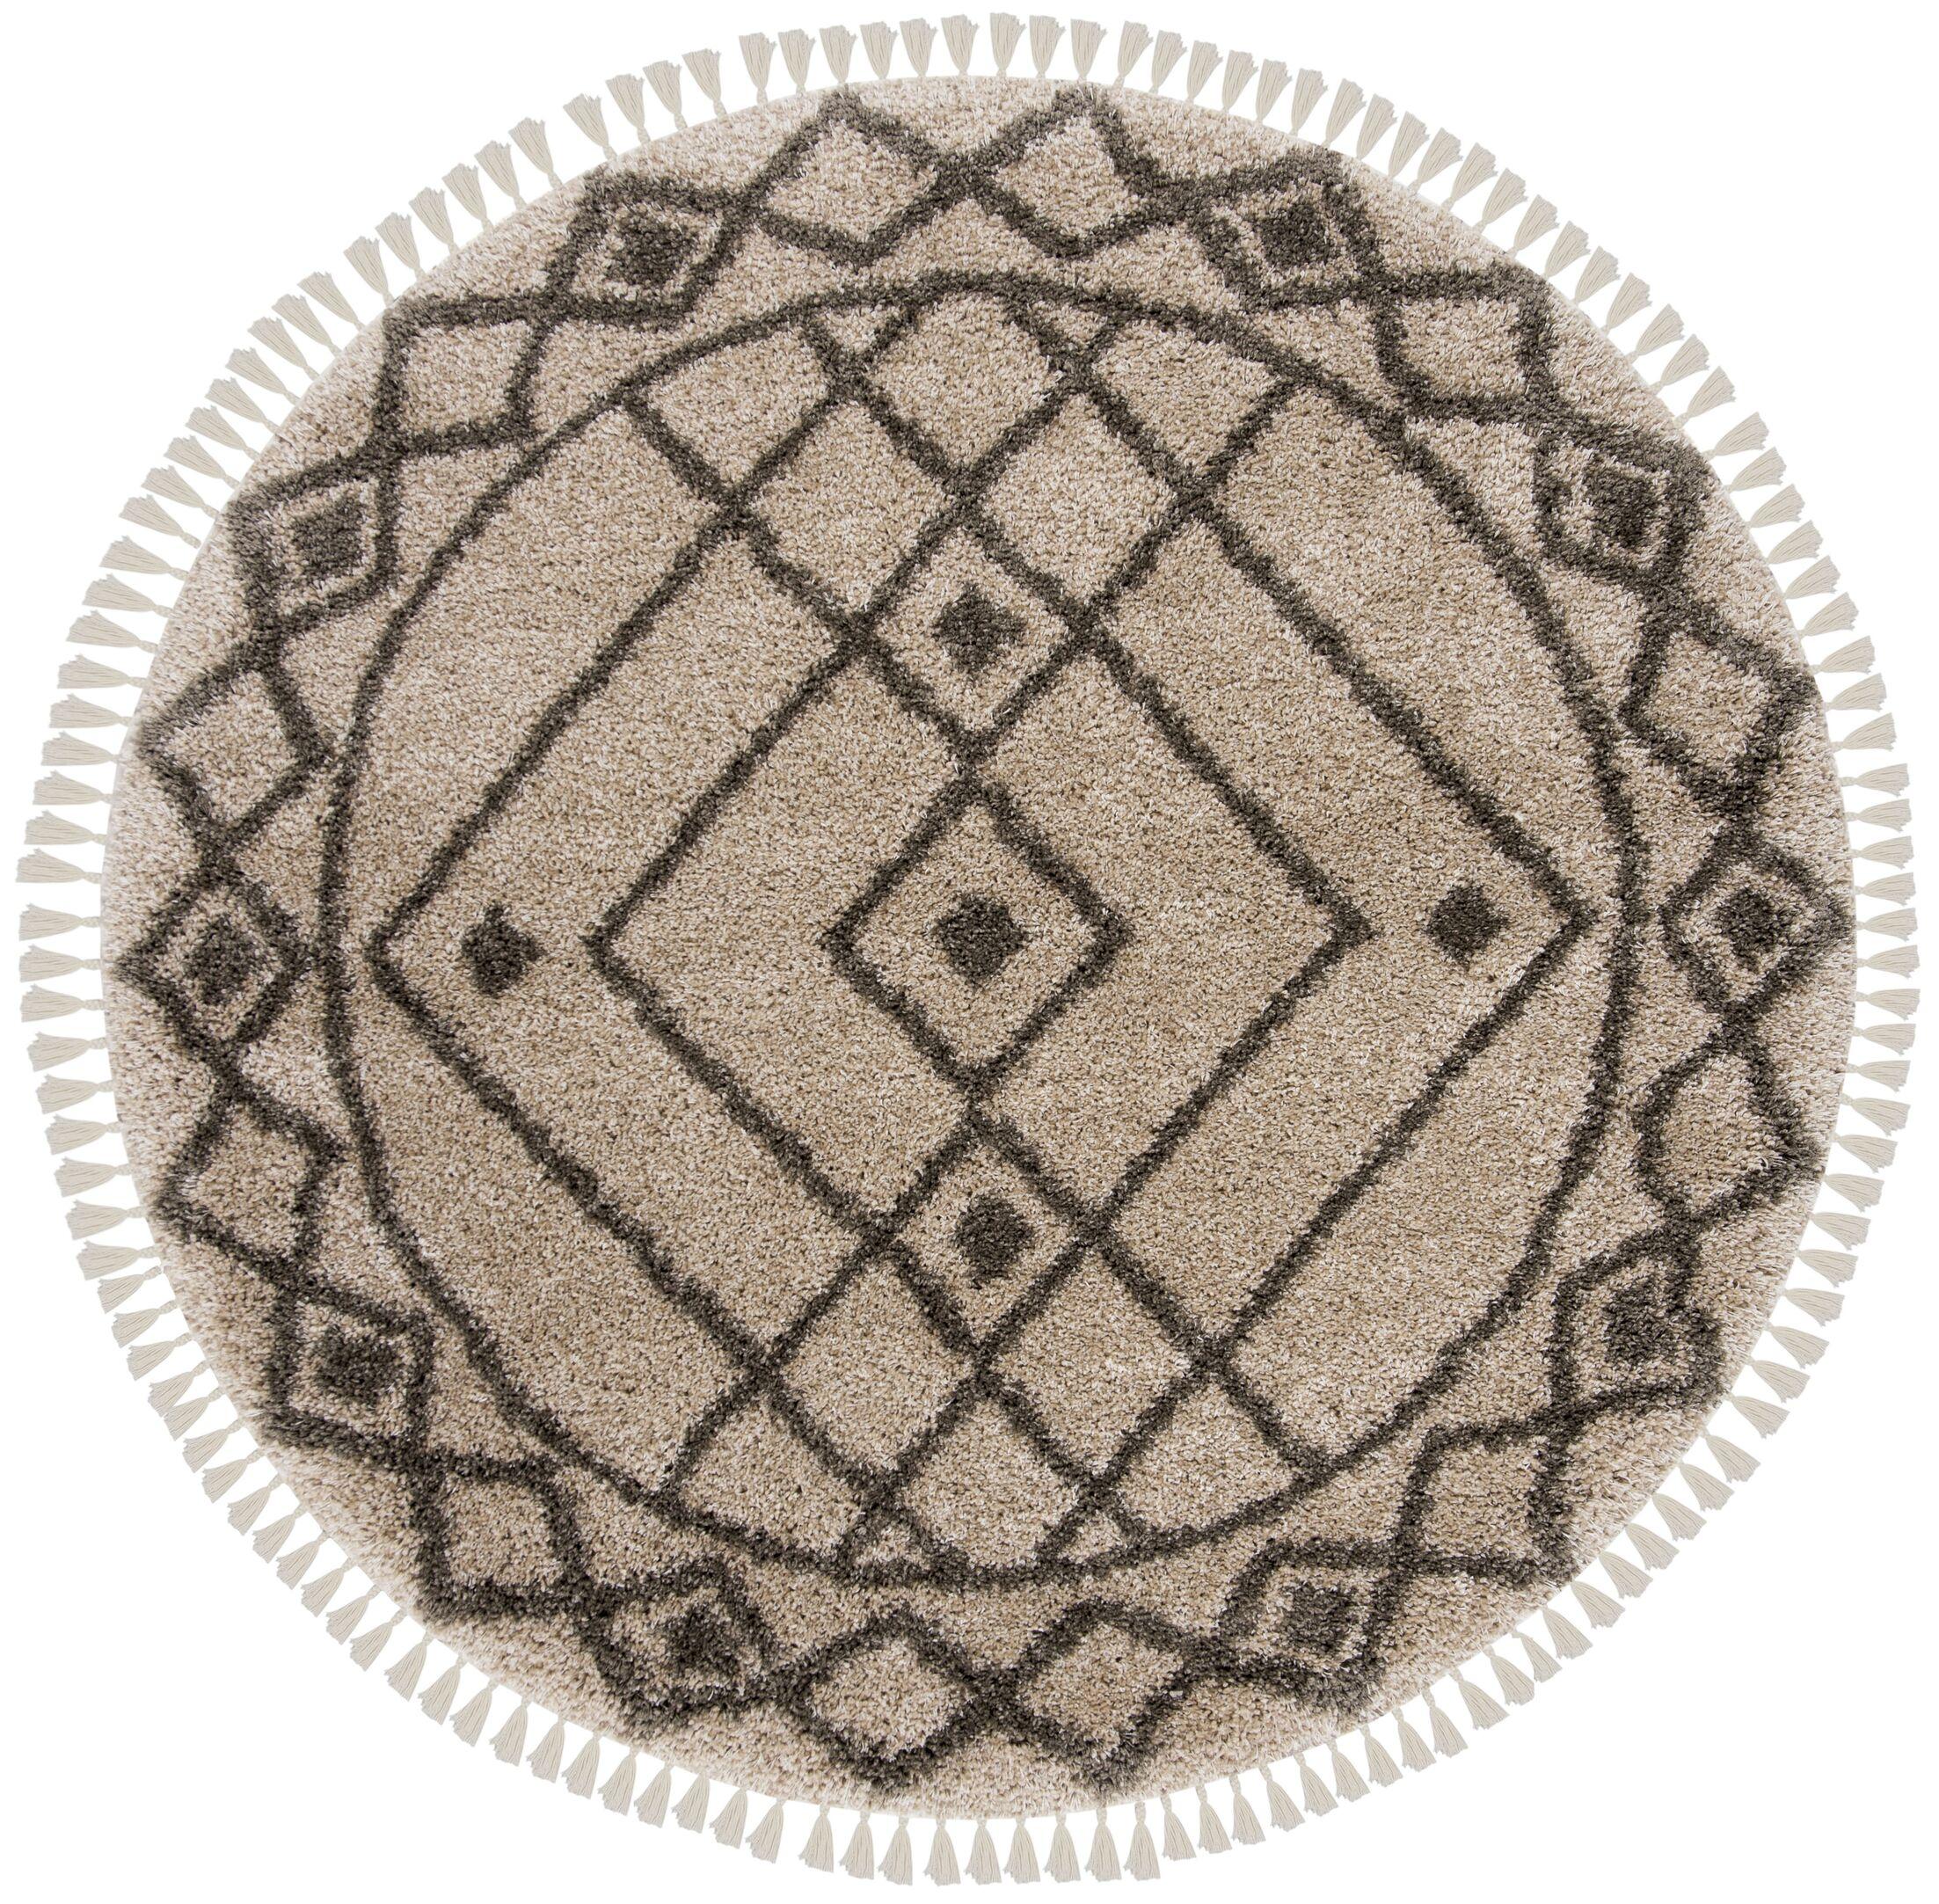 Ararat Mushroom/Gray Area Rug Rug Size: Round 6'7